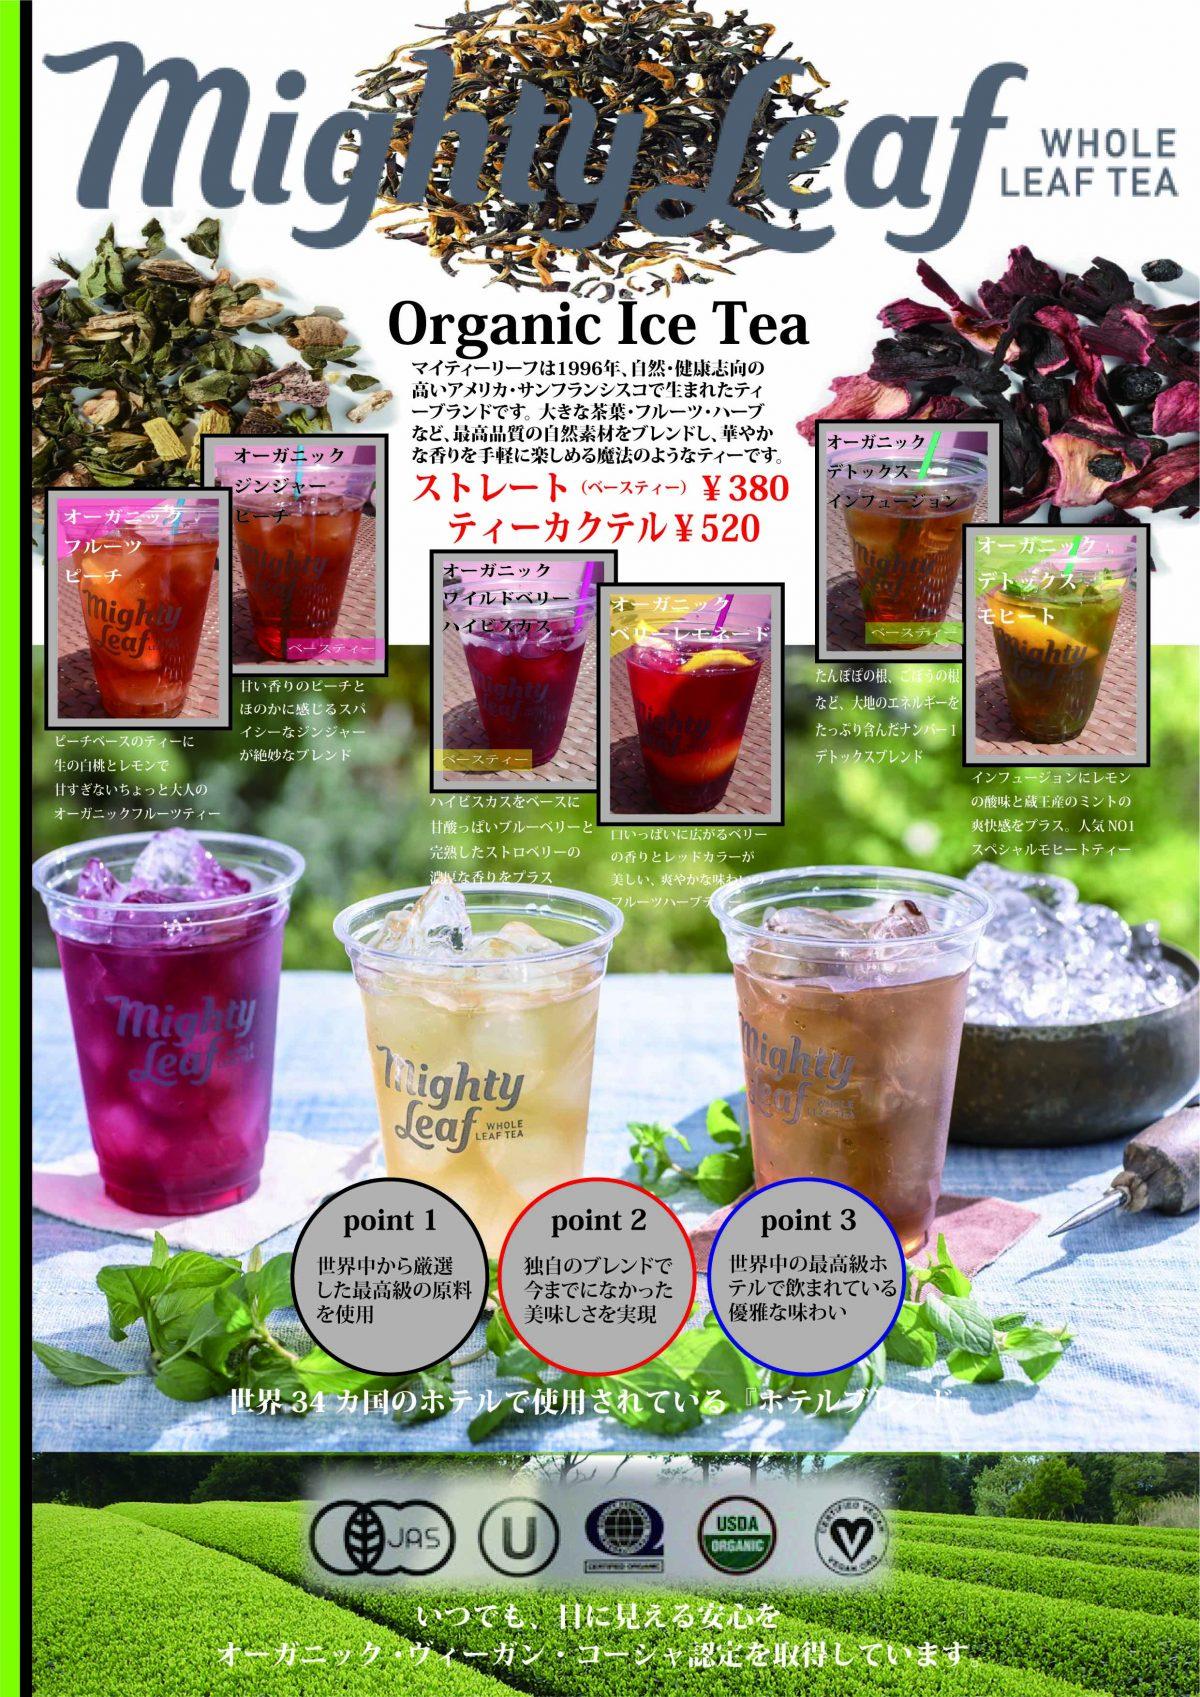 モヒート紅茶